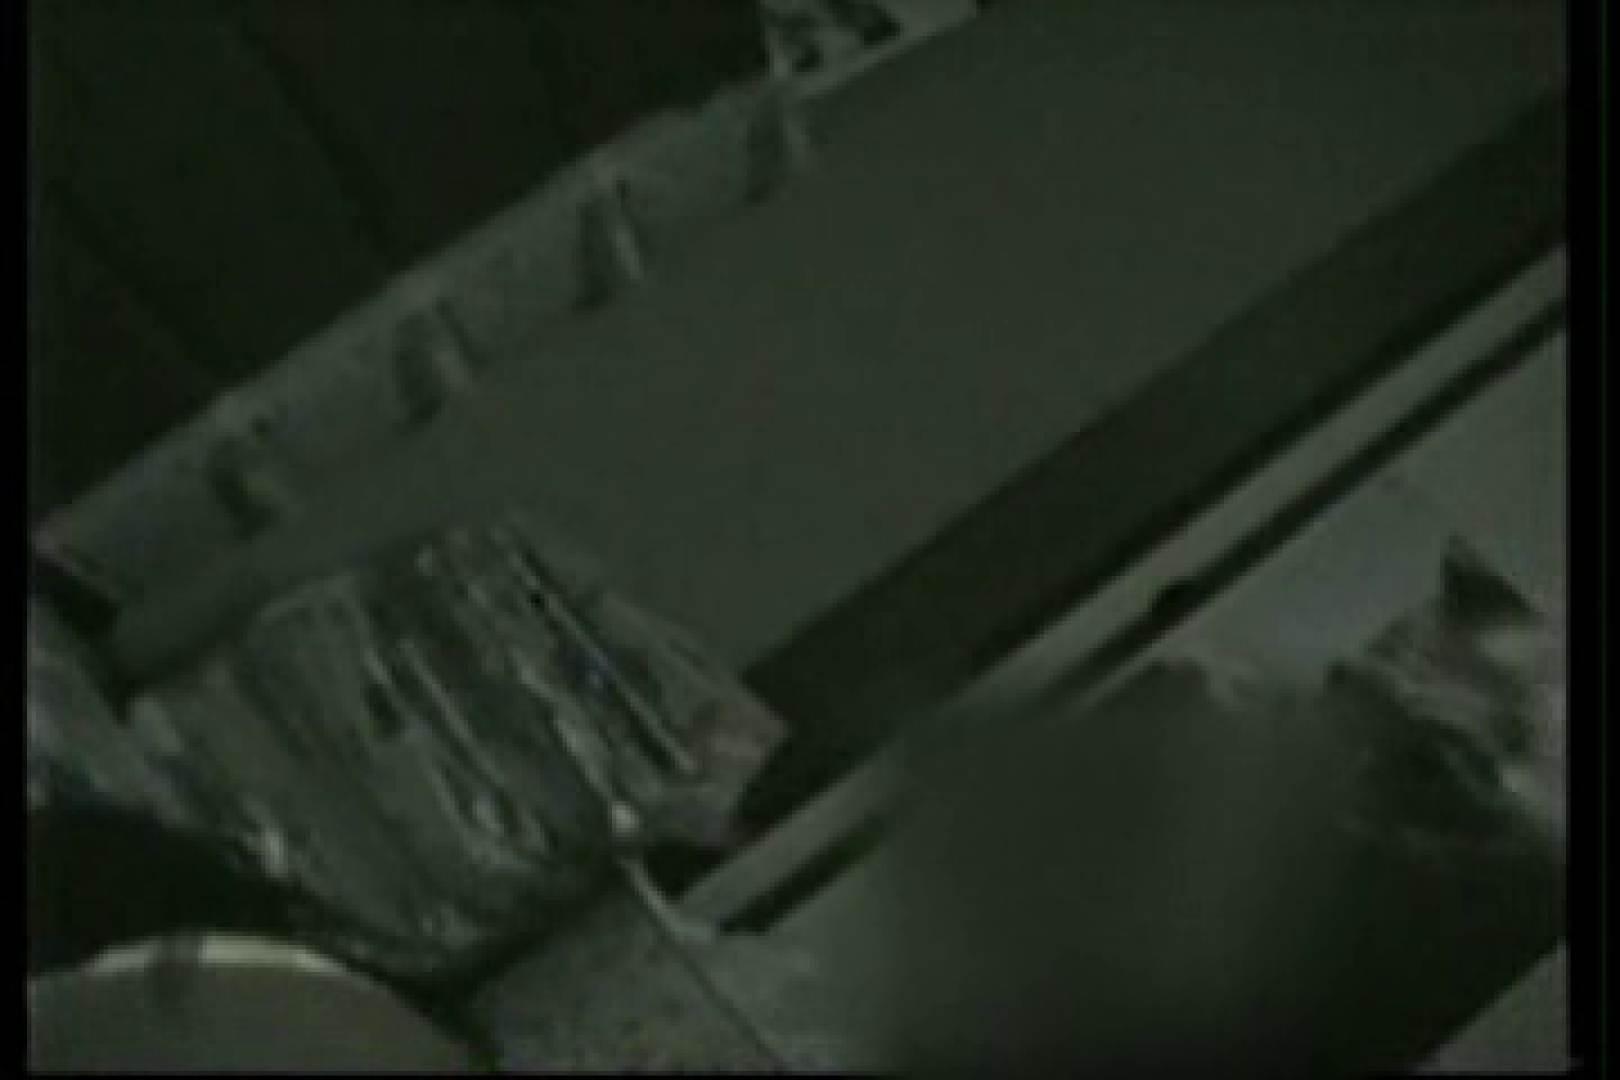 【実録個人撮影】男の子達の禁断の愛欲性活!!vol.02(対女性アナル責め) アナル責め ゲイ発射もろ画像 109枚 3